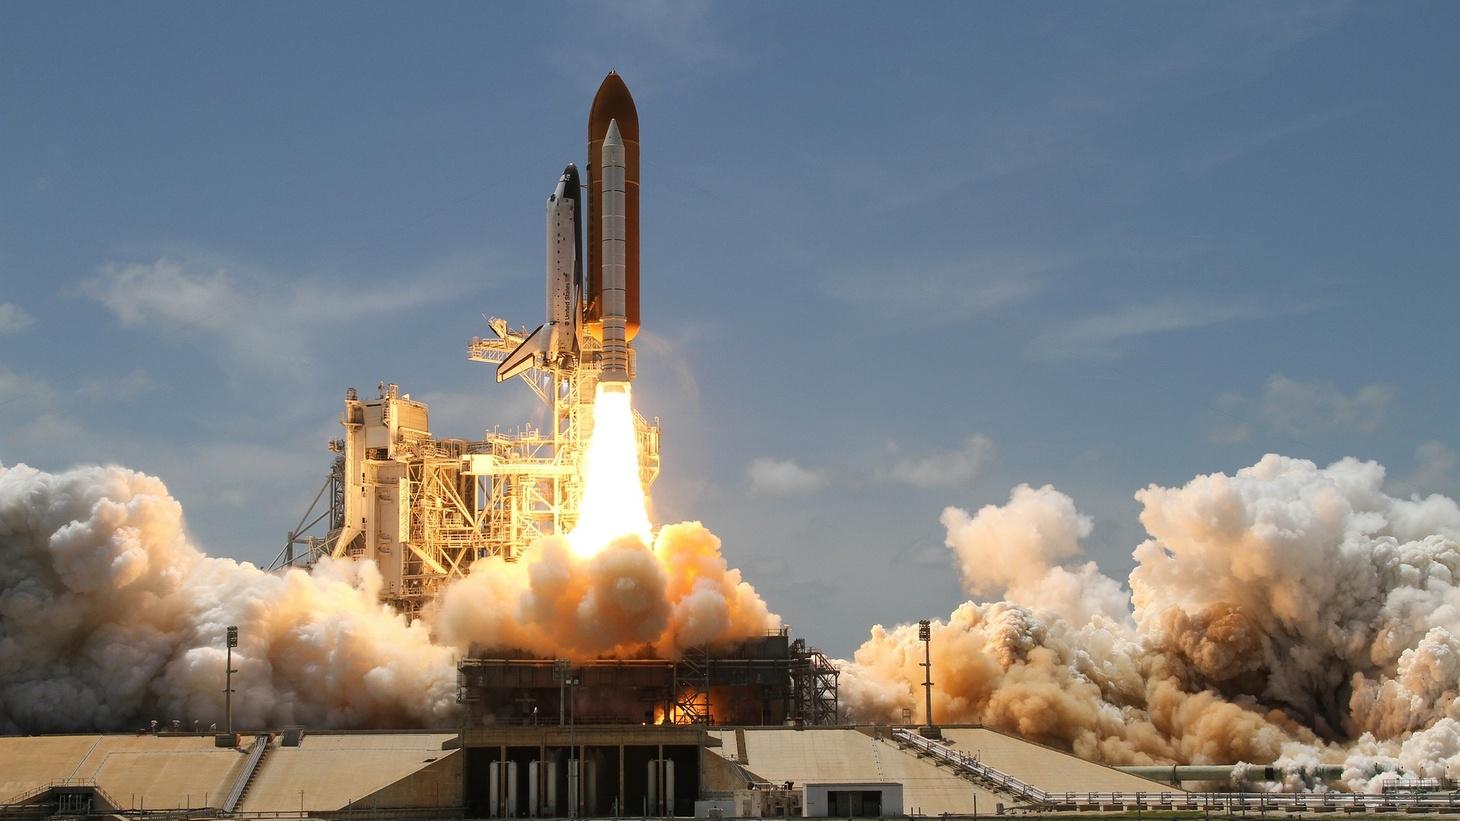 apollo 11 space mission - photo #21